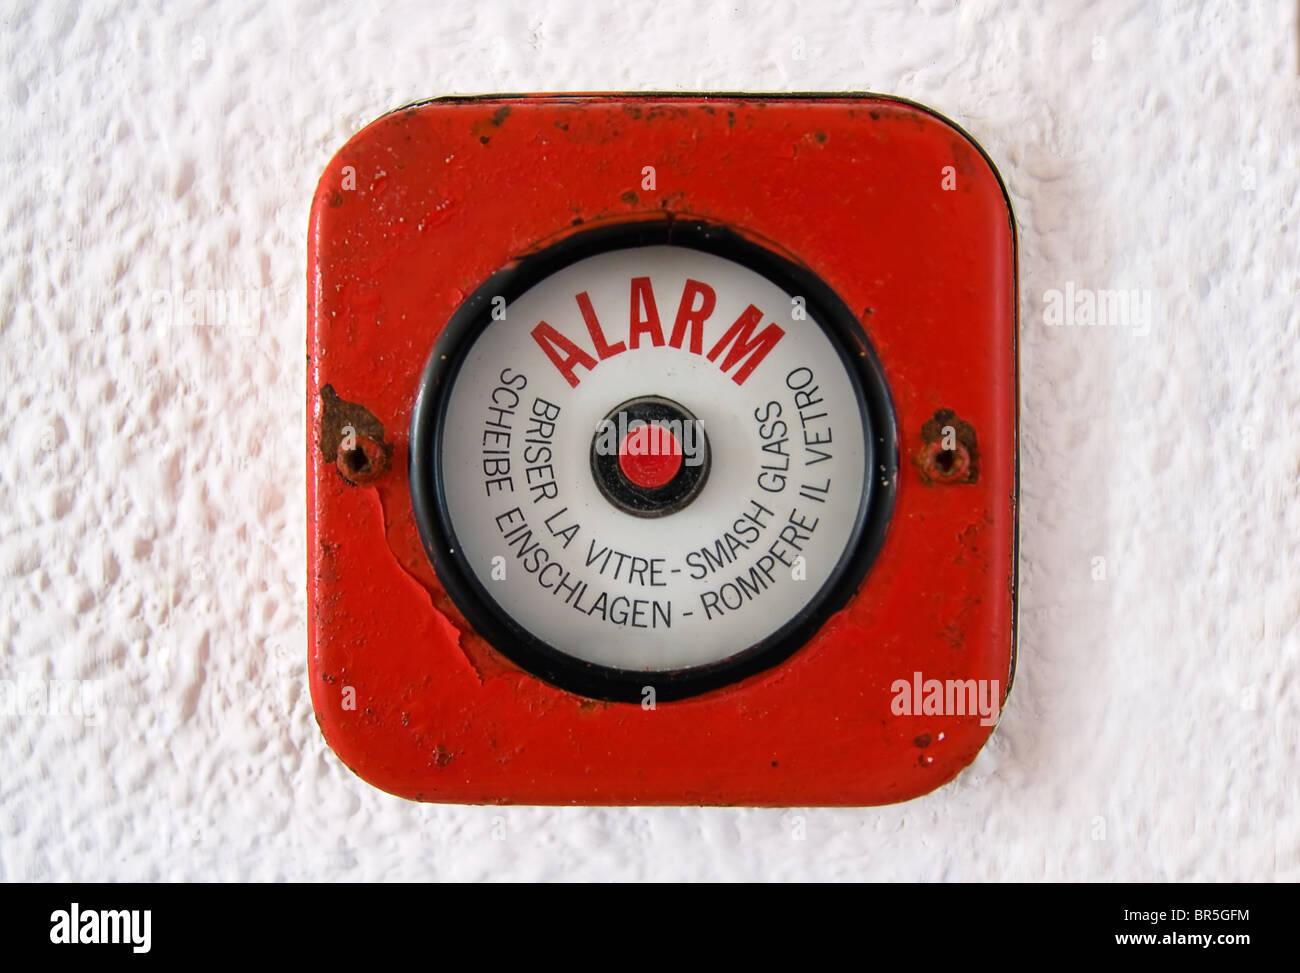 Alarma de Incendio antiguo. En caso de incendio rompa el vidrio y establecer la alarma. Imagen De Stock